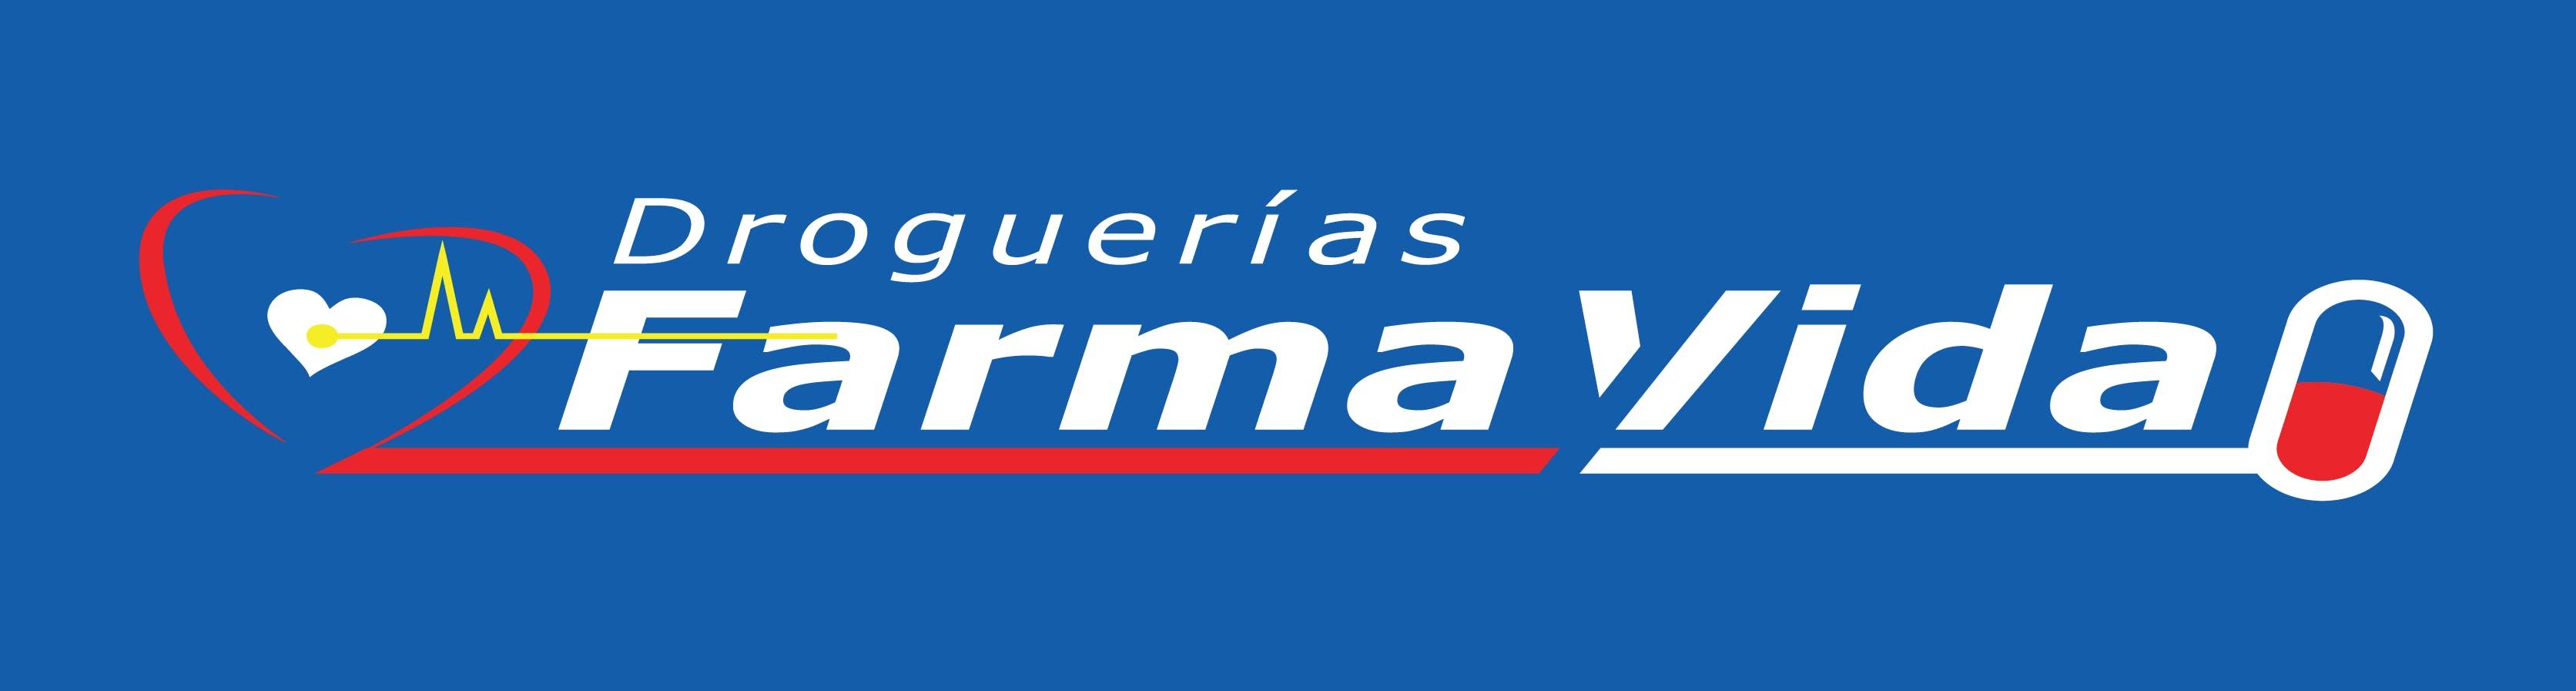 Farmavida logo